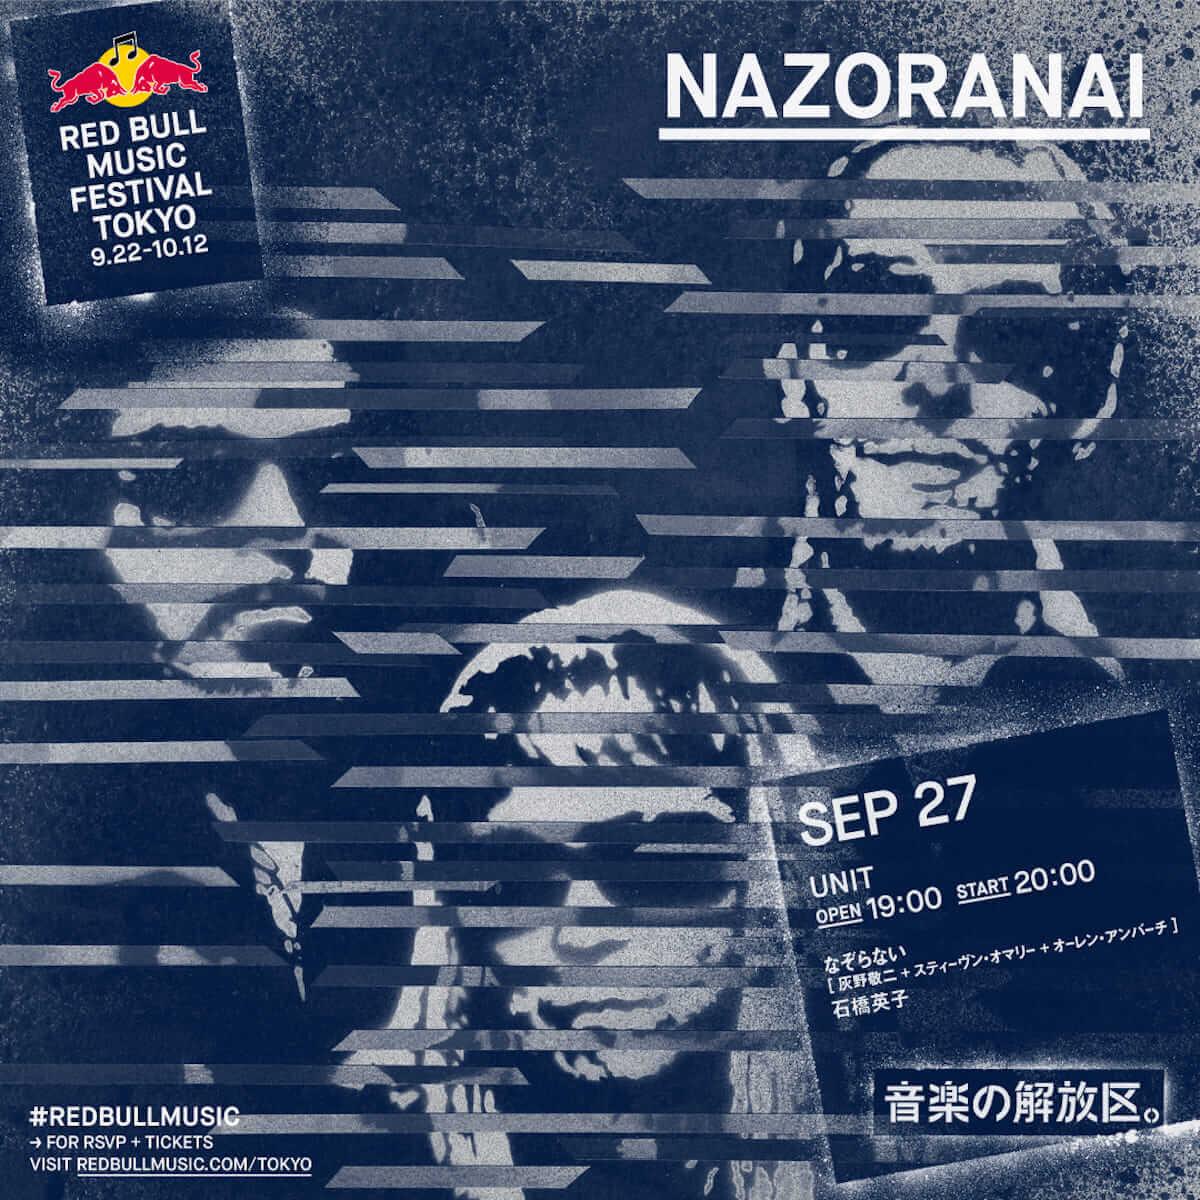 9月から1ヶ月に渡り「RED BULL MUSIC FESTIVAL TOKYO 2018」が開催|山手線の車内が走るライブハウスに? music180806-redbullmusicfestival-7-1200x1200